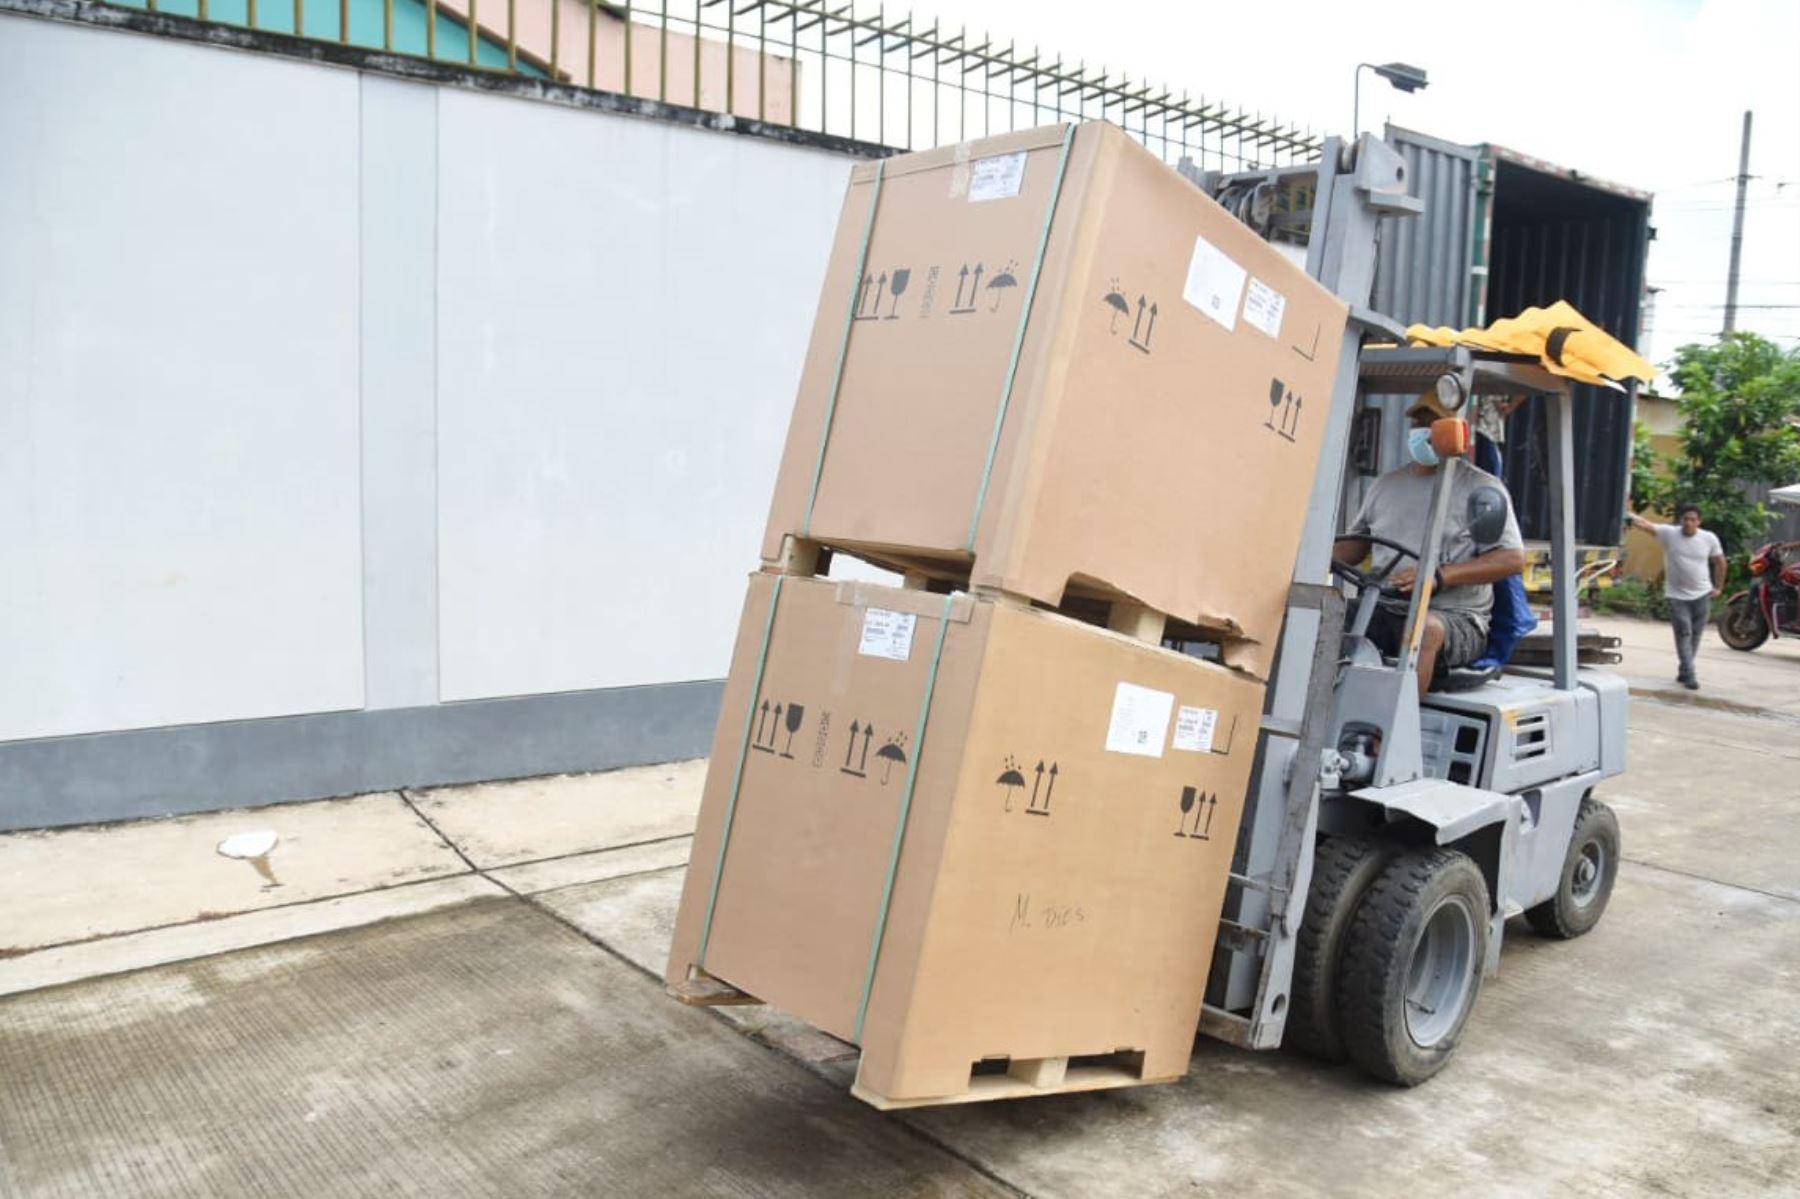 La región Madre de Dios recibió kits de cama UCI para fortalecer la lucha contra el covid-19. Foto: ANDINA/Gore Madre de Dios